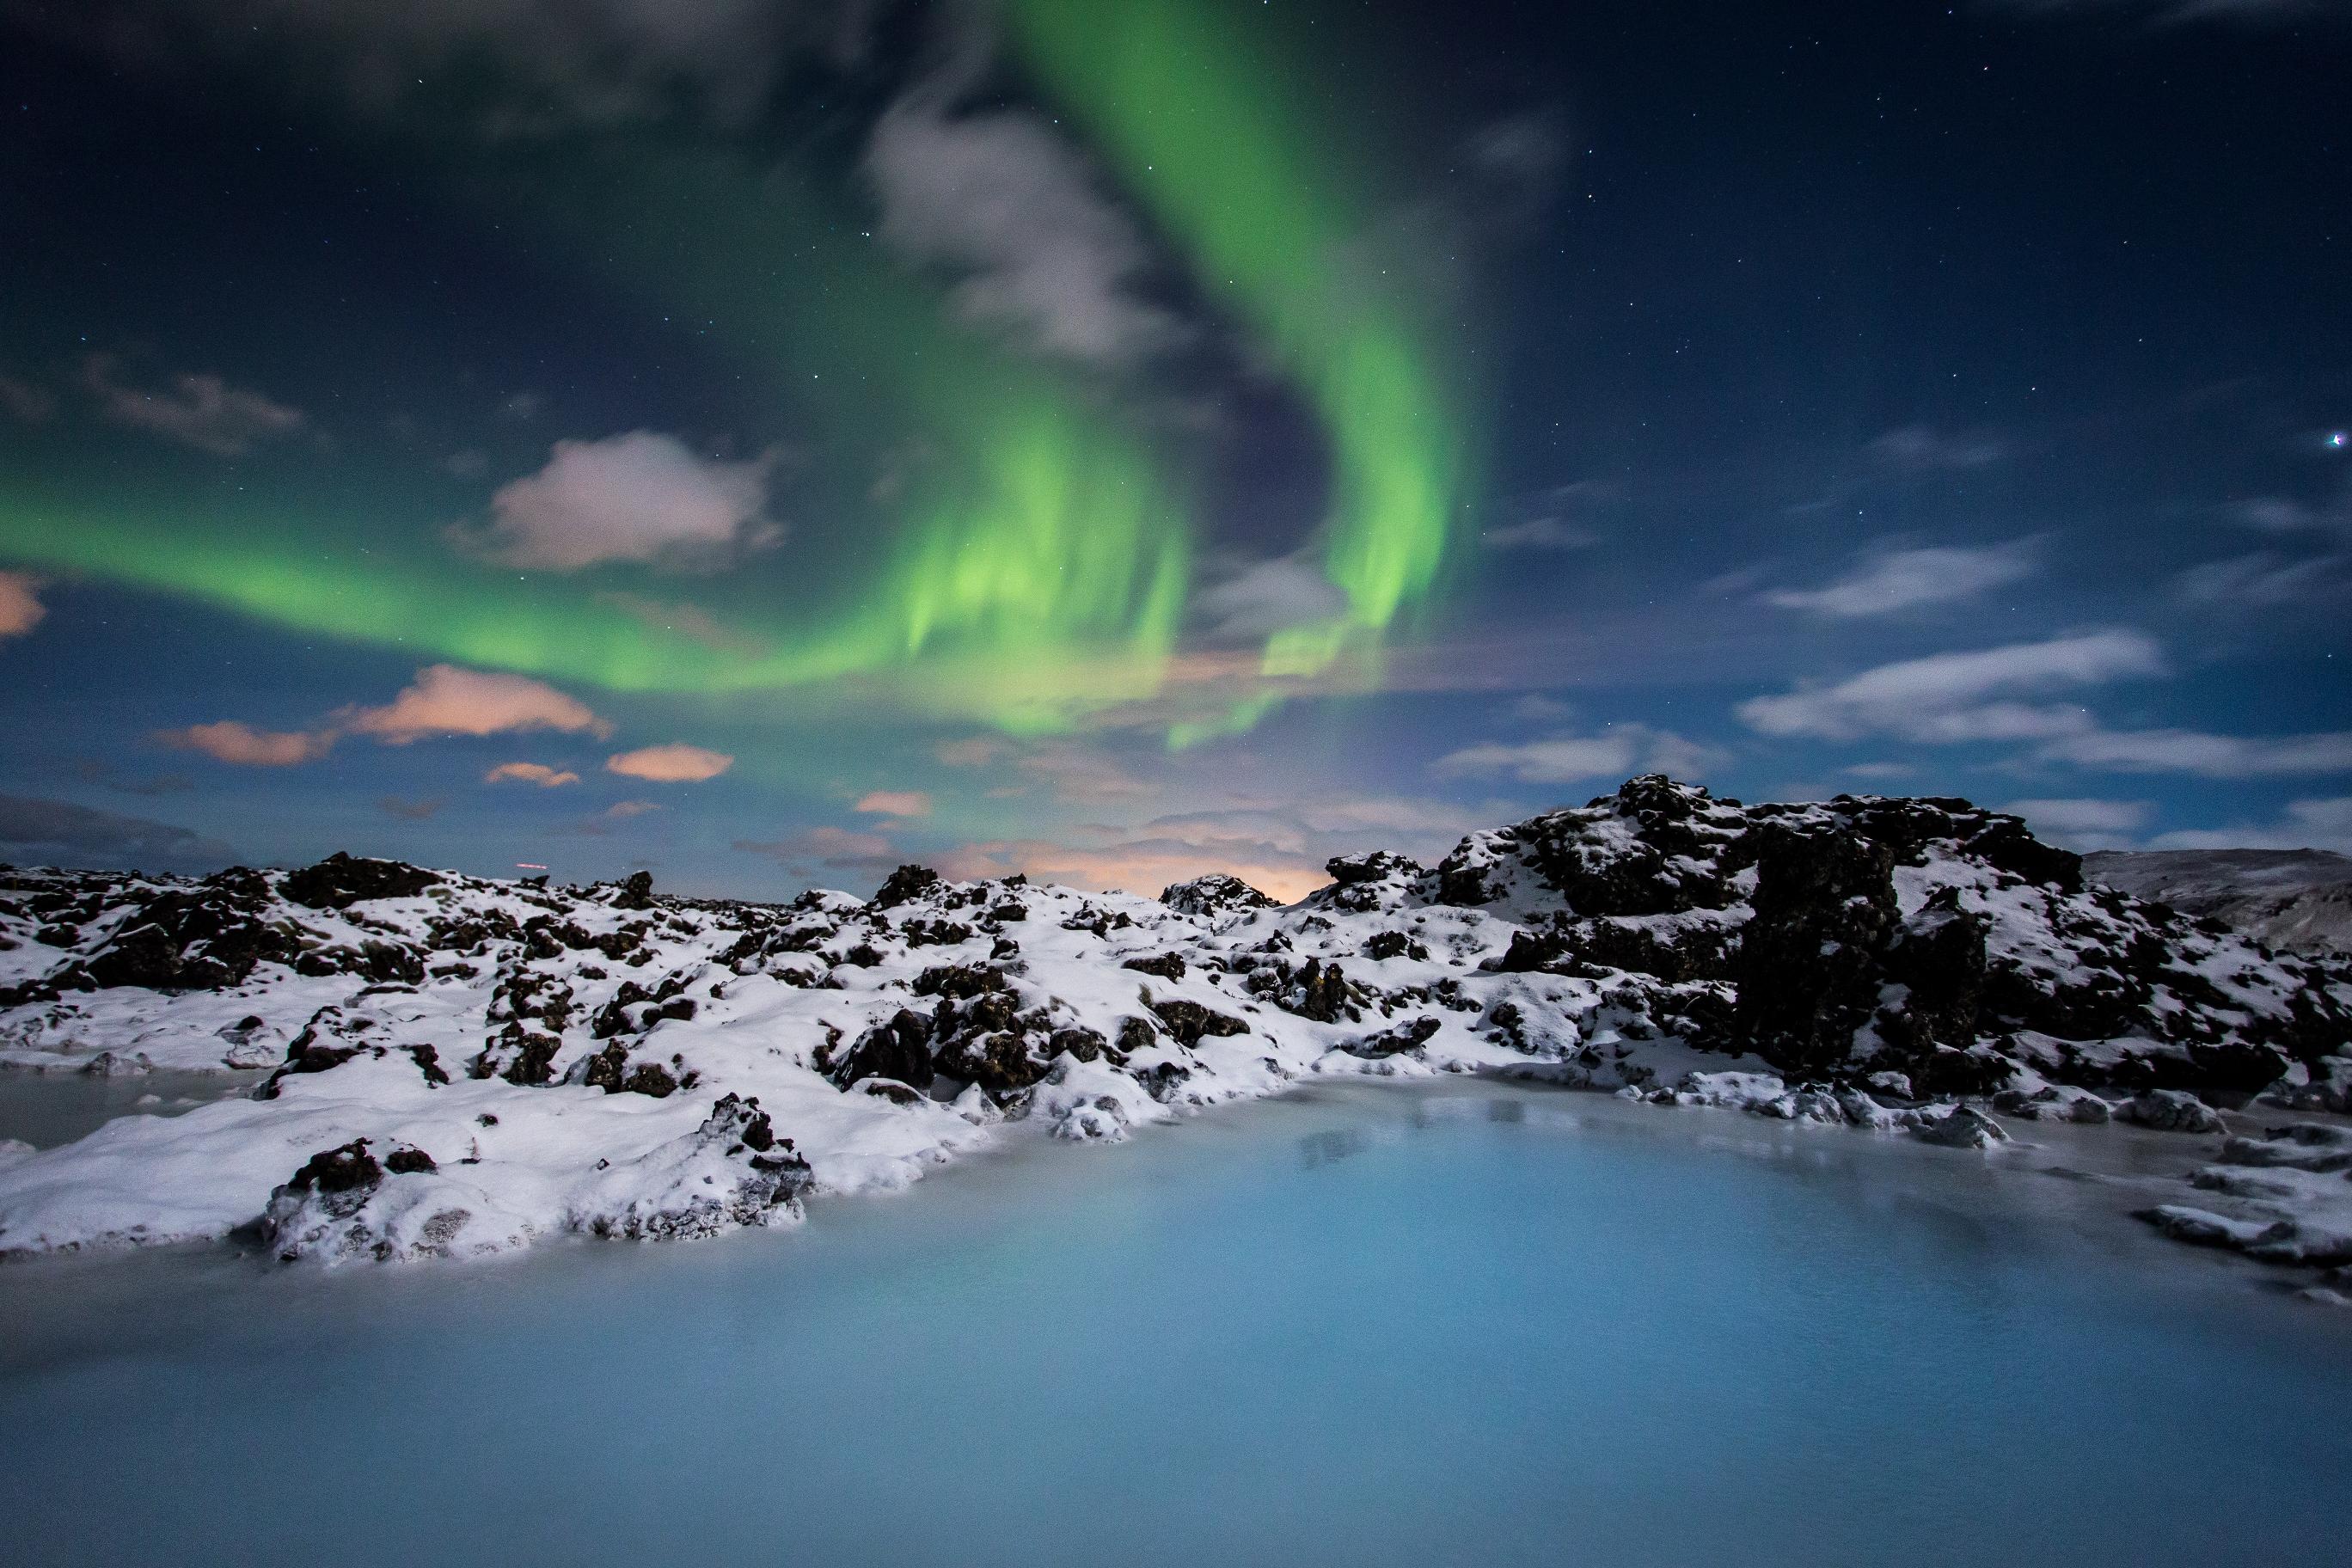 Blaue Lagune Wasser und Nordlichter am Himmel